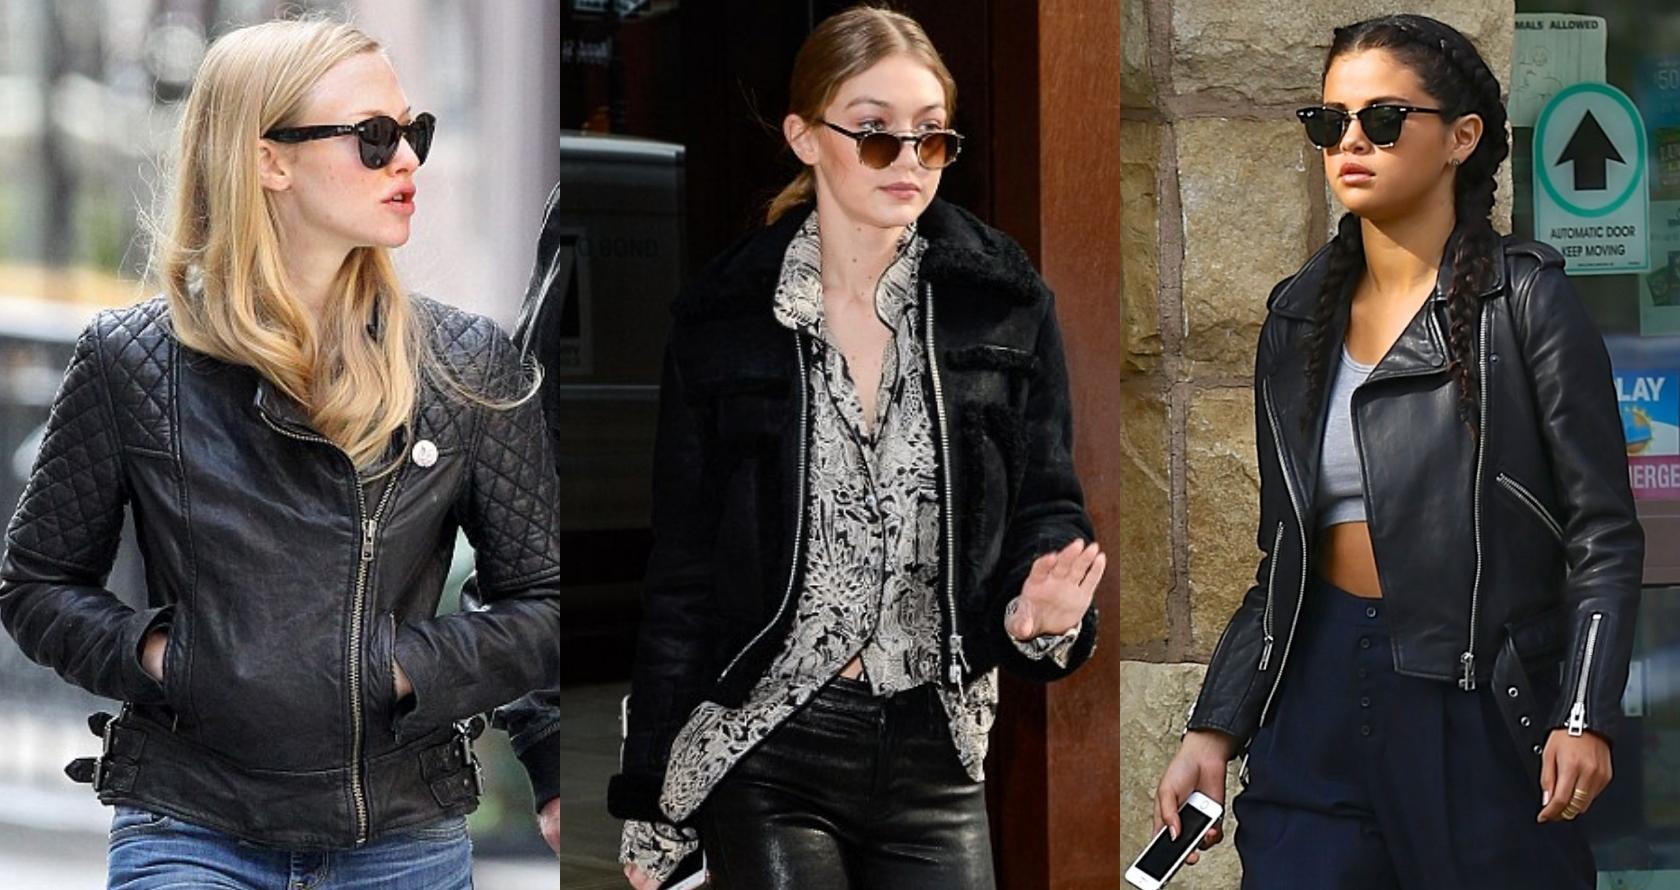 來自英國東倫敦的「ALL SAINTS」他們家的皮衣榮登女星指定款